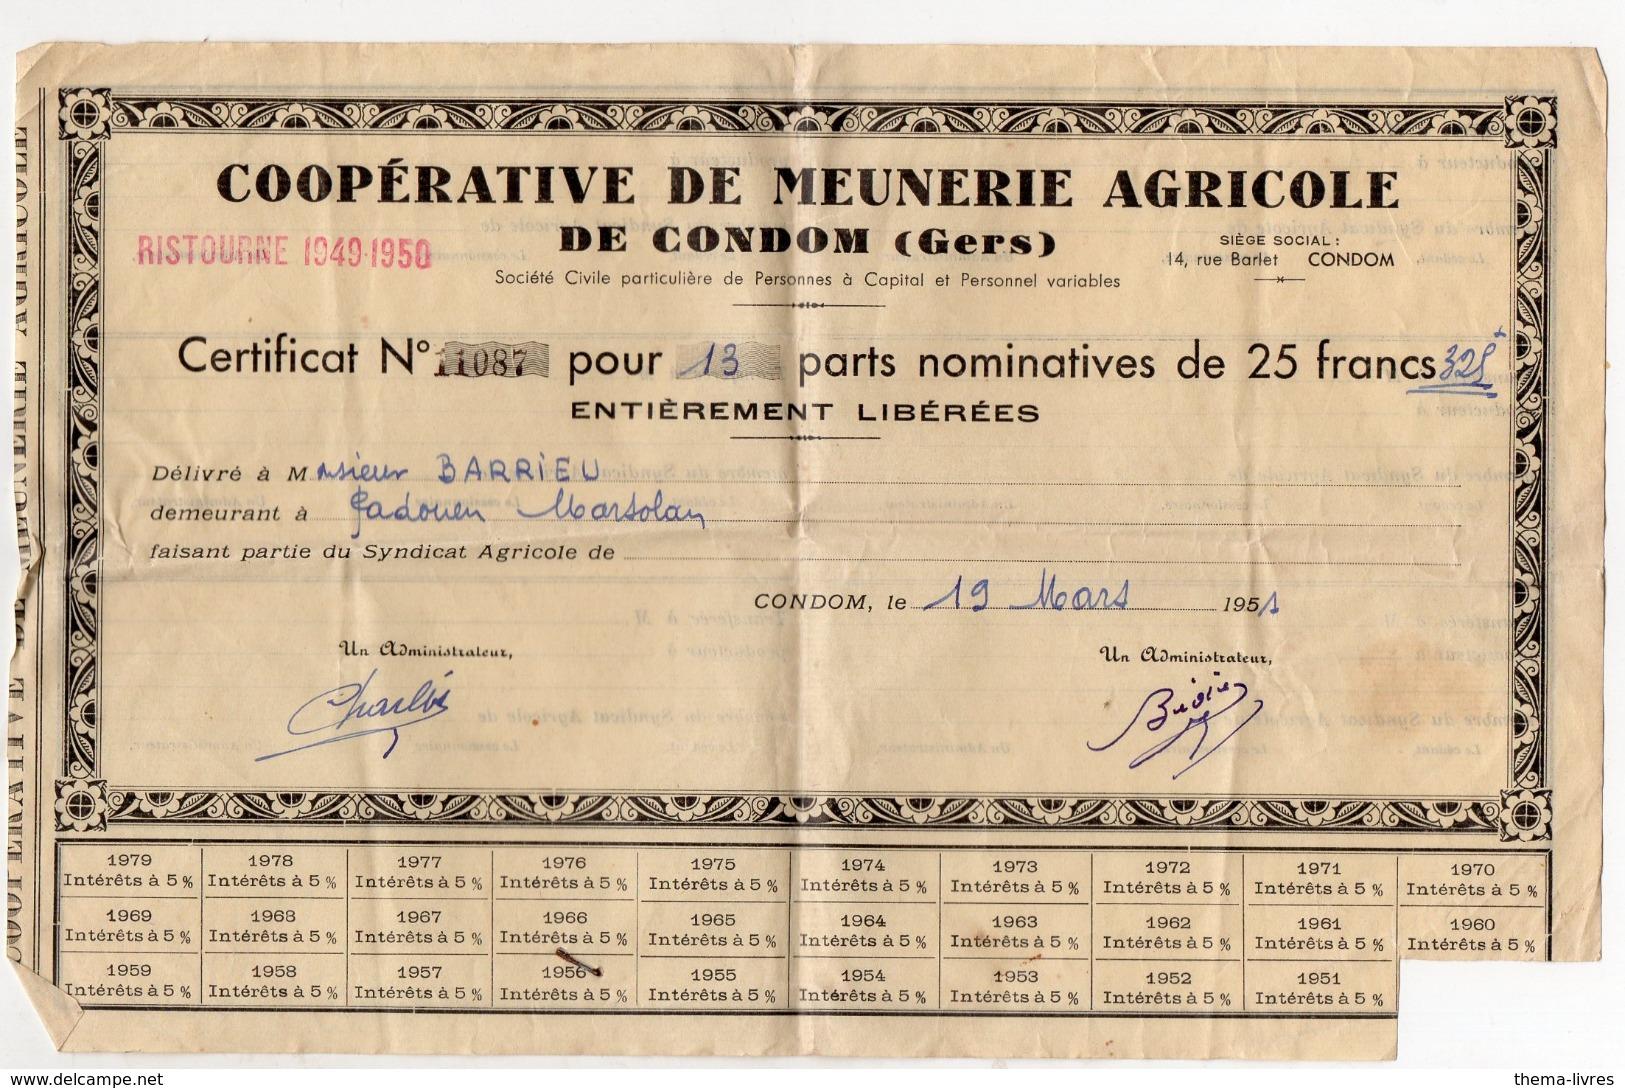 Condom (32 Gers) Certificat De 13 Parts De La COOPERATIVE DE MEUNERIE AGRICOLE 1951 (PPP20871) - Actions & Titres